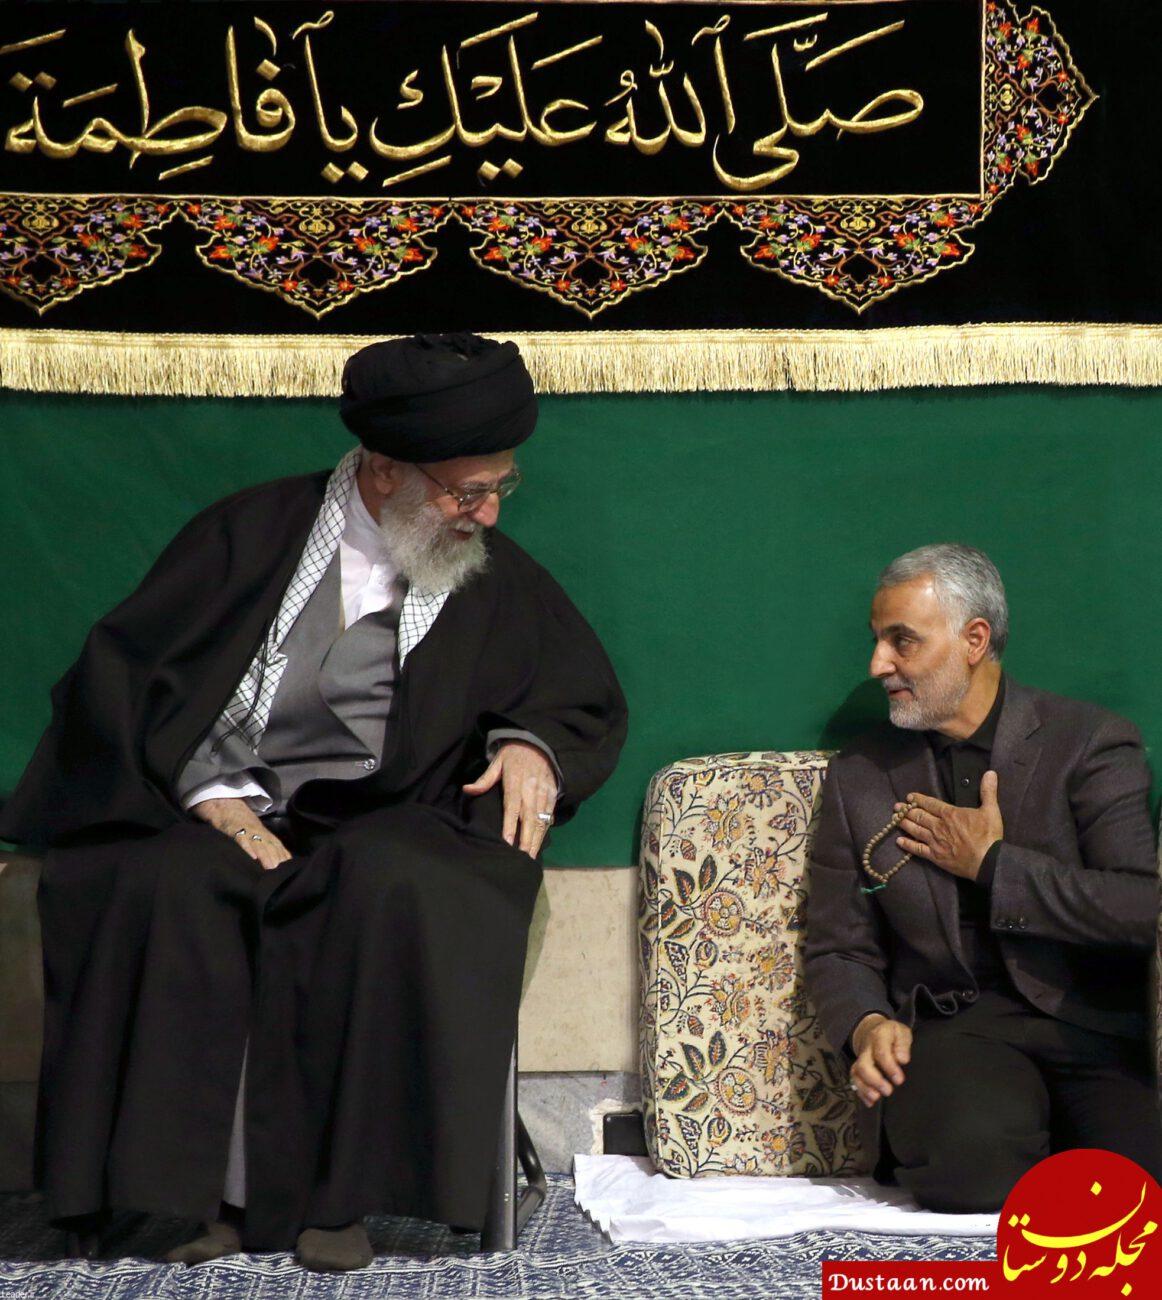 زمان تشییع پیکر سپهبد شهید سلیمانی مشخص شد